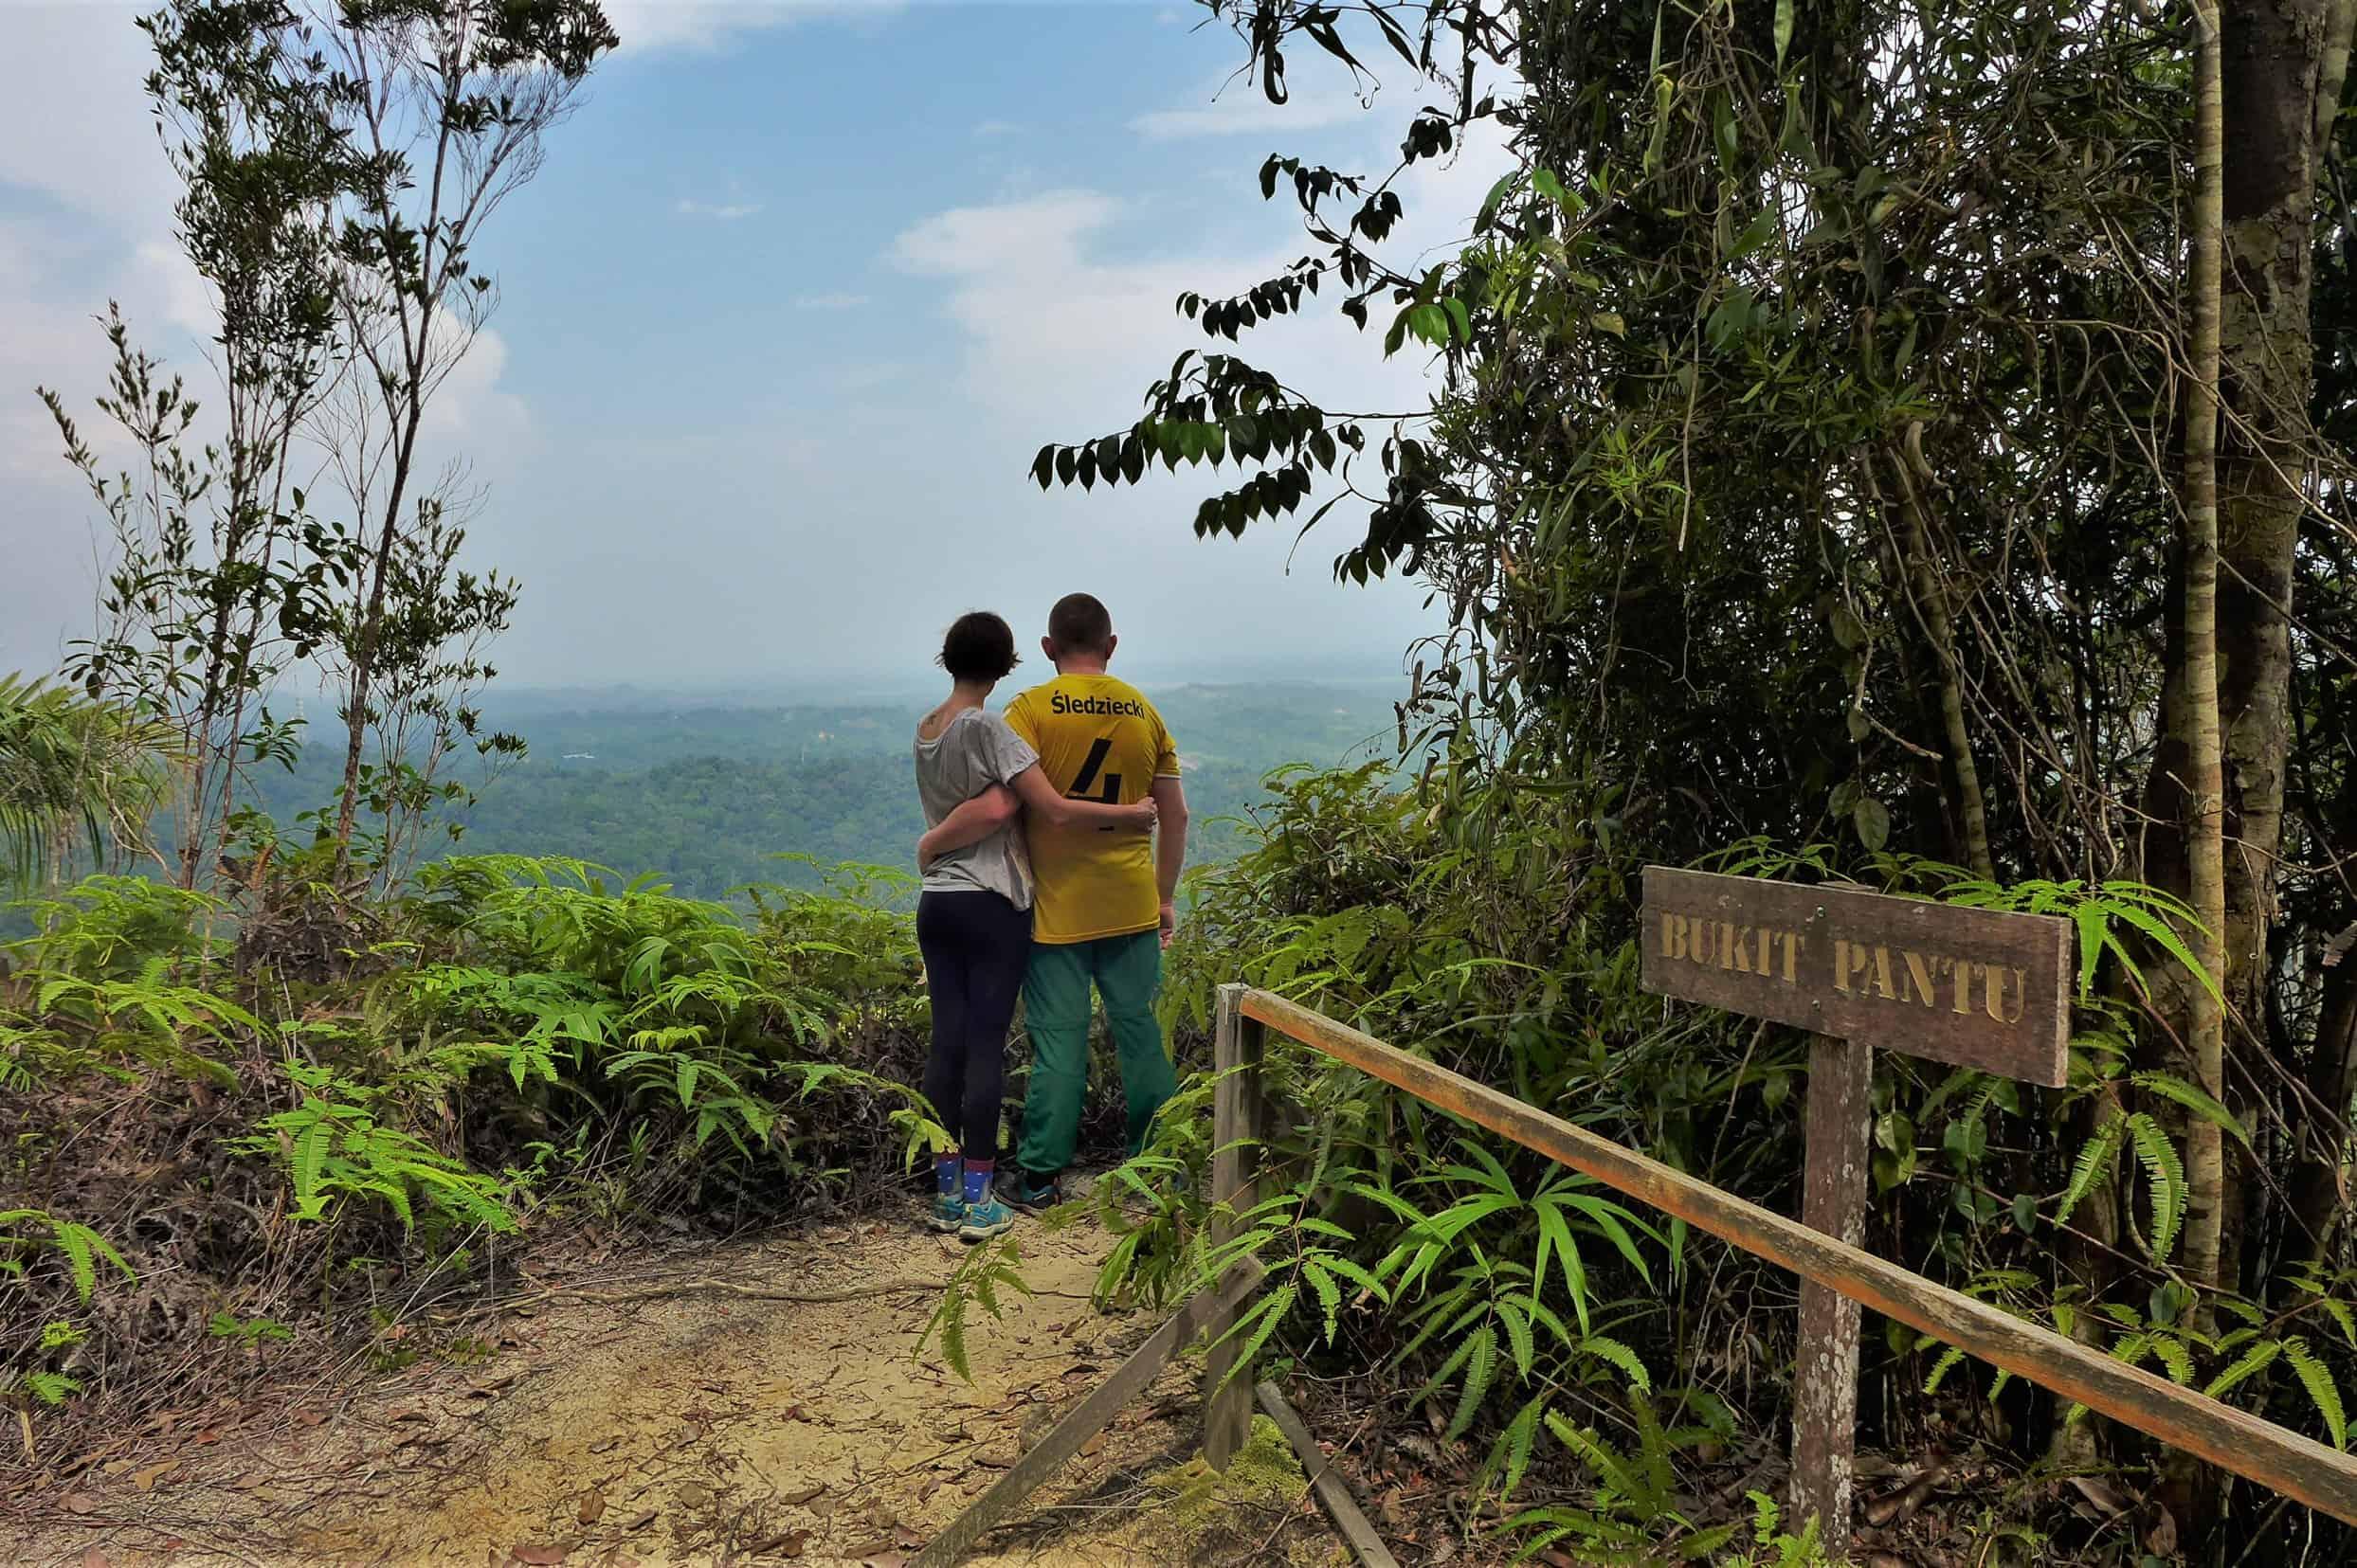 Bukit Pantu, Lambir Hills